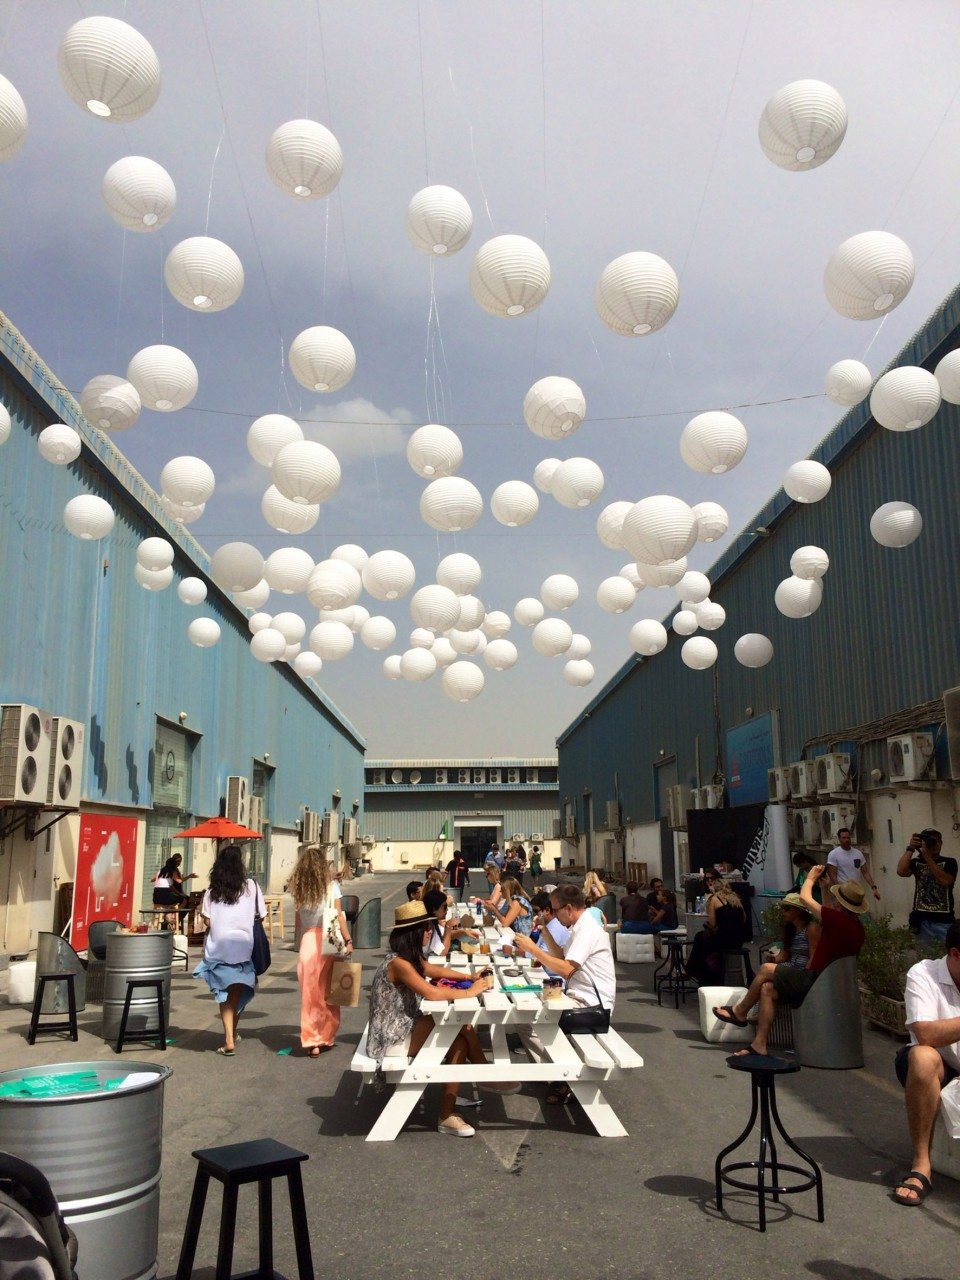 Quoz Arts Festival. Wege und Plätze zwischen den Baukörpern werden wie beim Quoz Festival abwechselnd temporär bespielt.